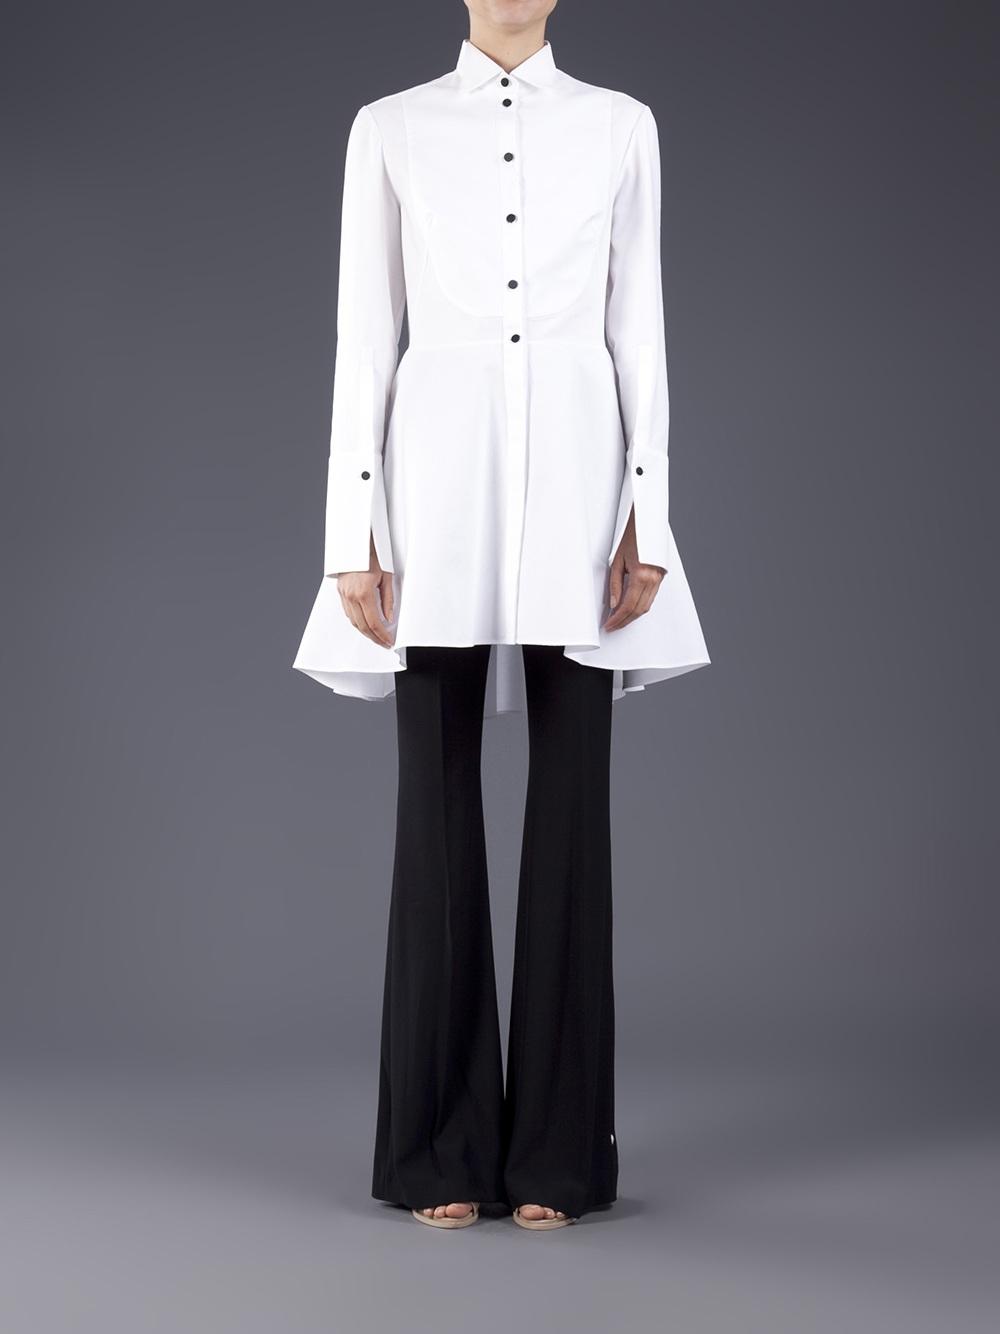 cheaper good texture latest Alexander McQueen White Tuxedo Shirt Dress